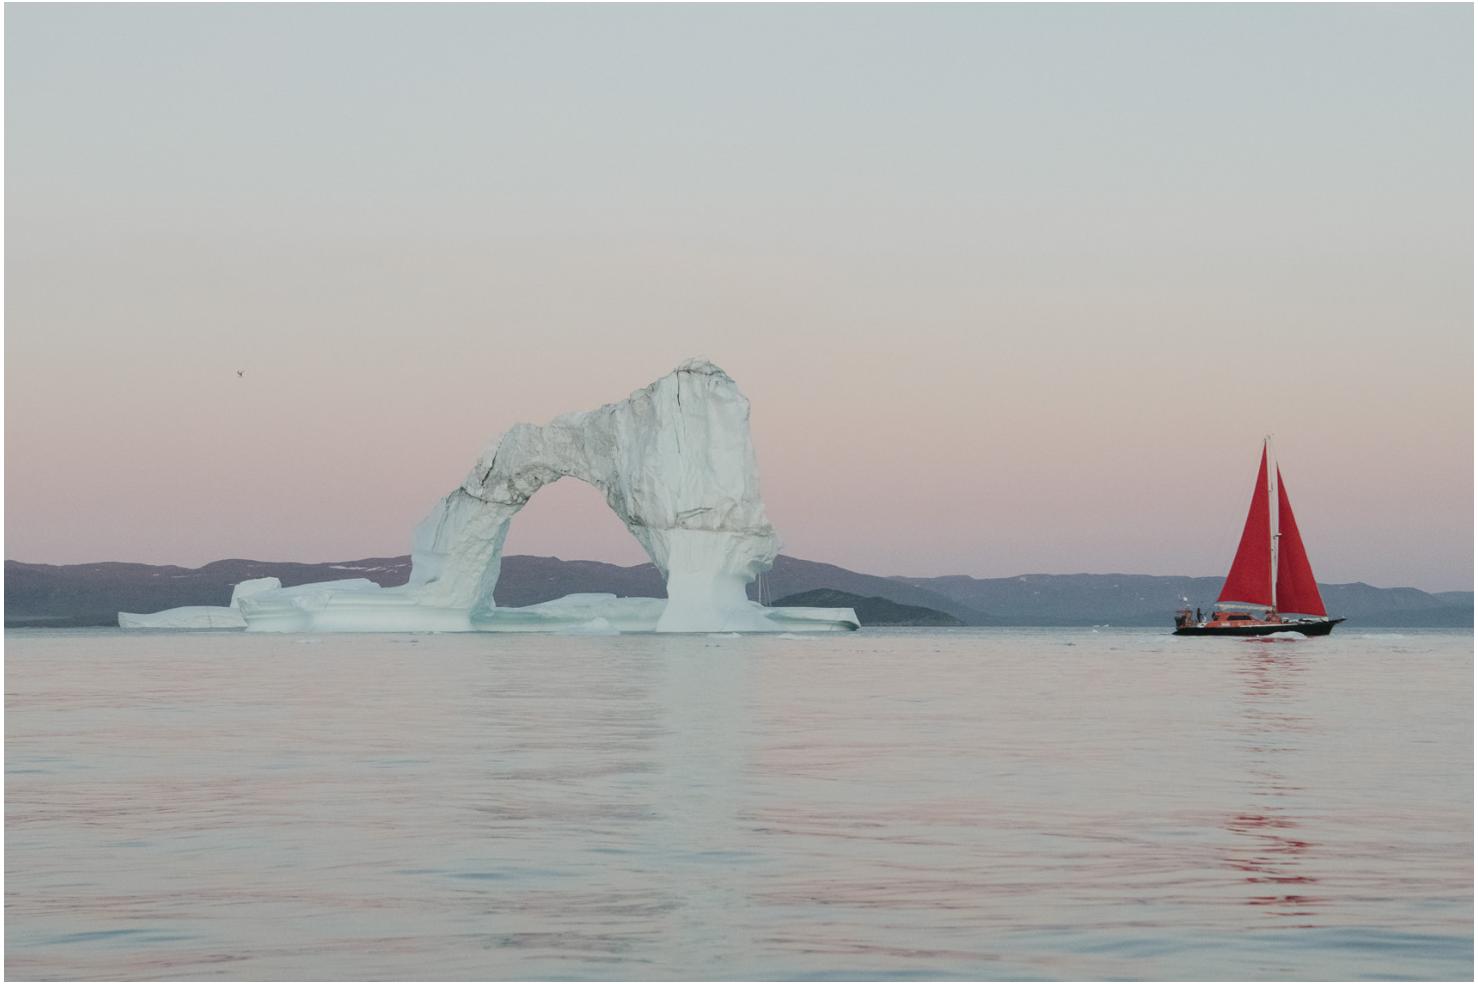 An iceberg in IIulissat, Greenland.